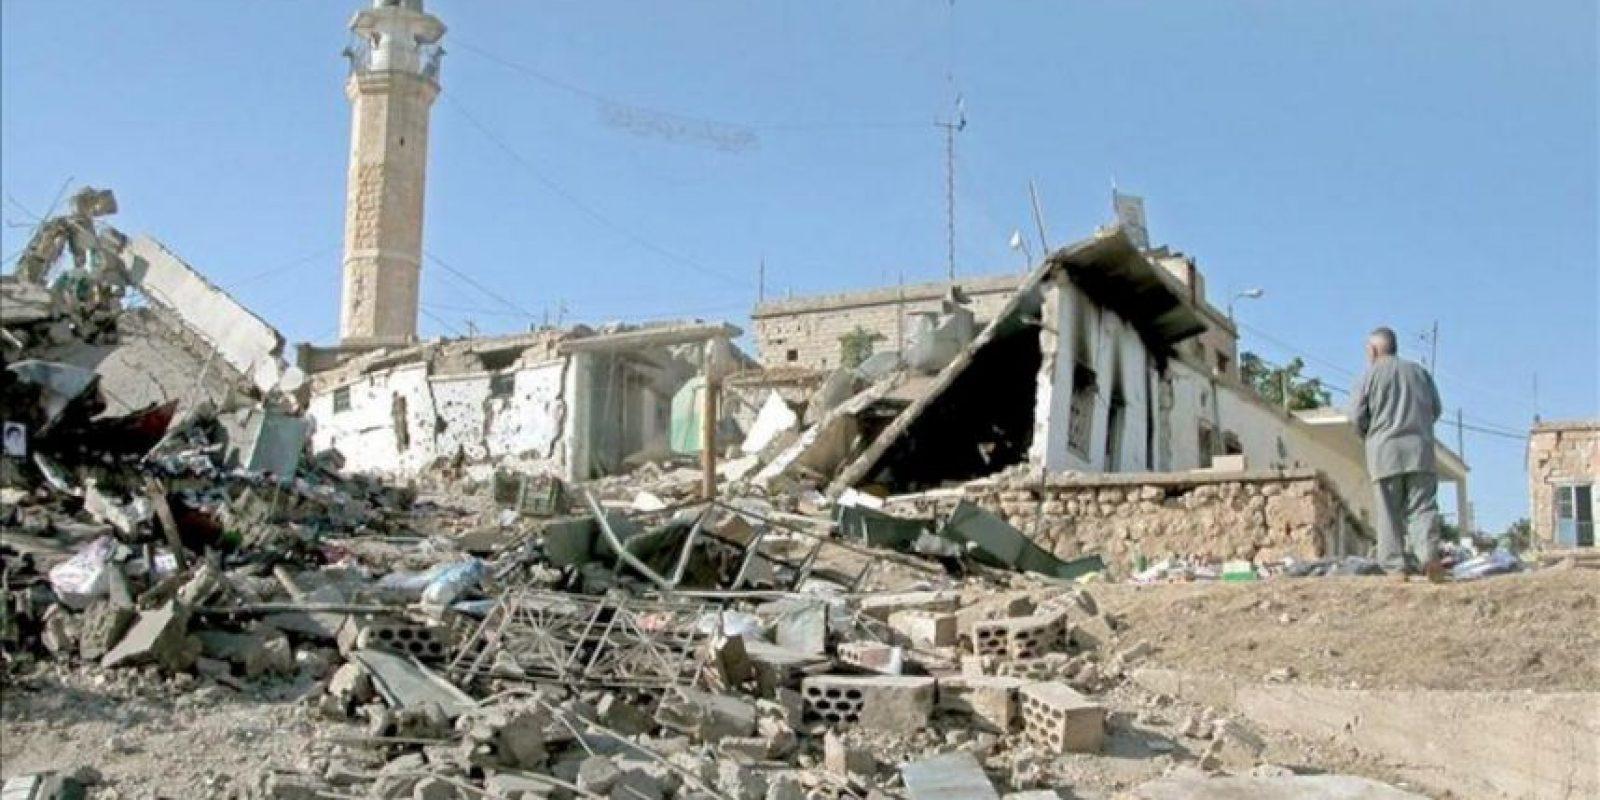 Un libanés junto a unas casas destruidas tras un ataque aéreo con misiles en la frontera entre Líbano y Siria. EFE/Archivo